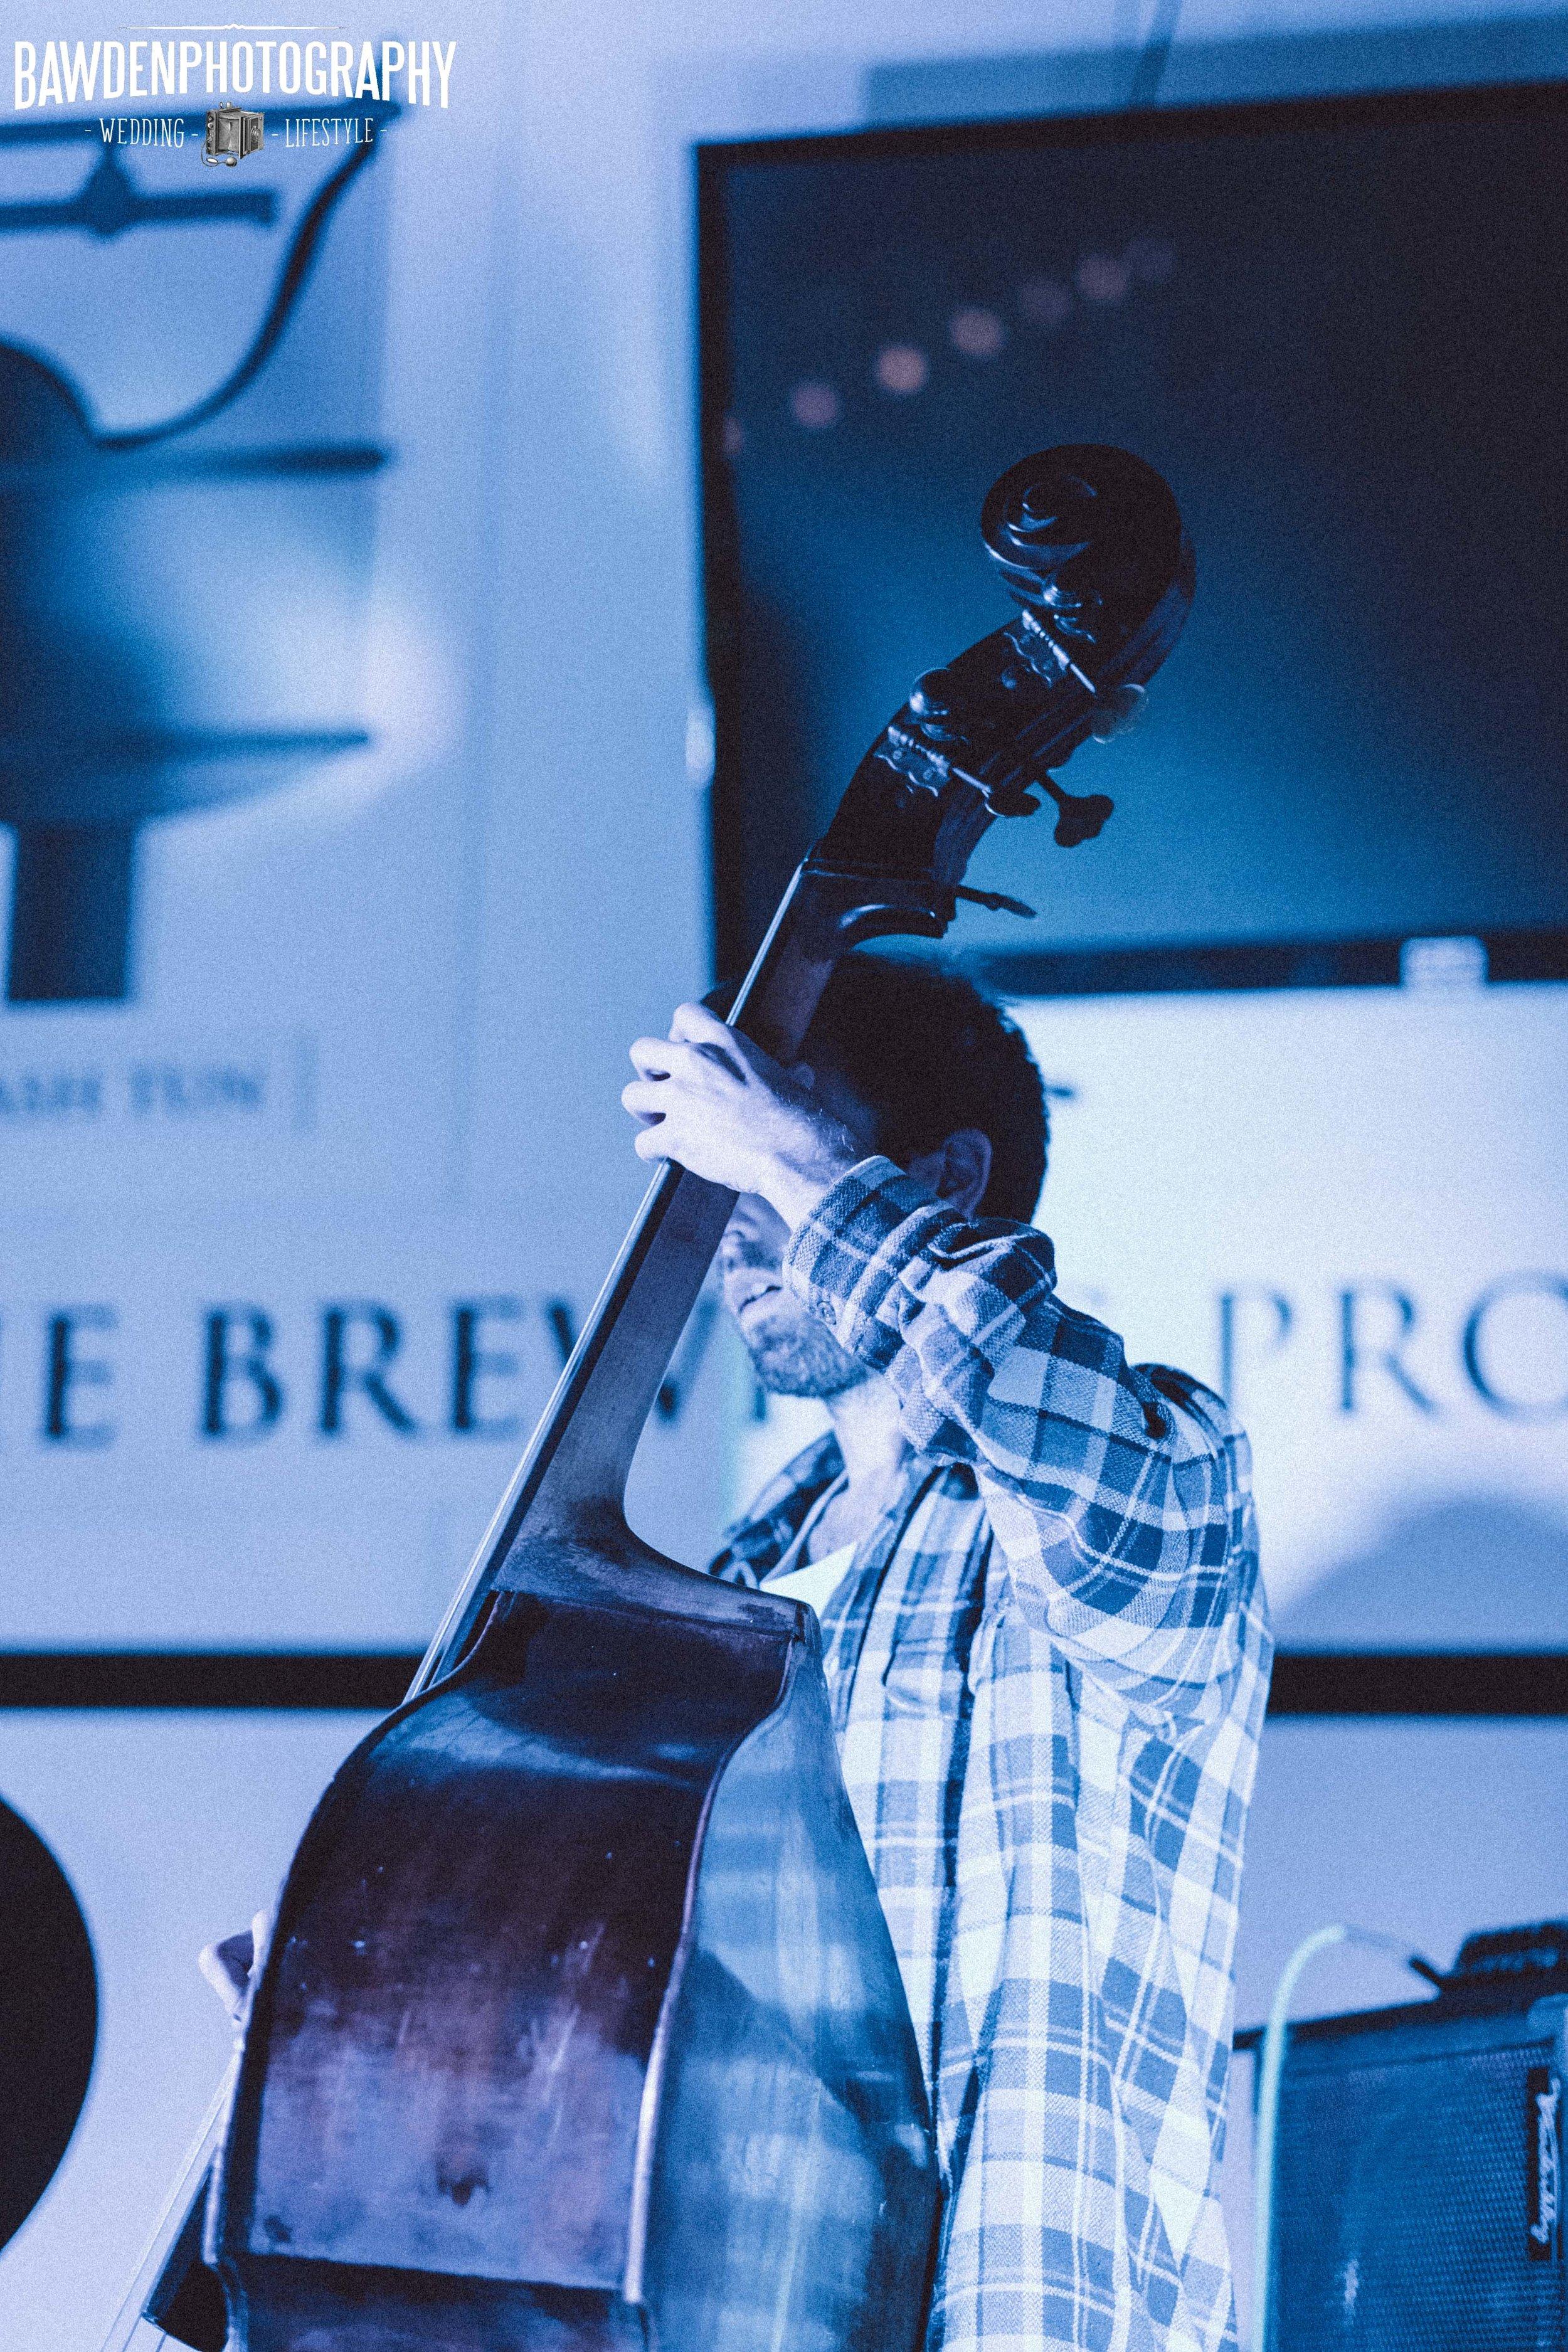 Lancaster Jazz Festival - Tom Riviere Family Band-3.jpg